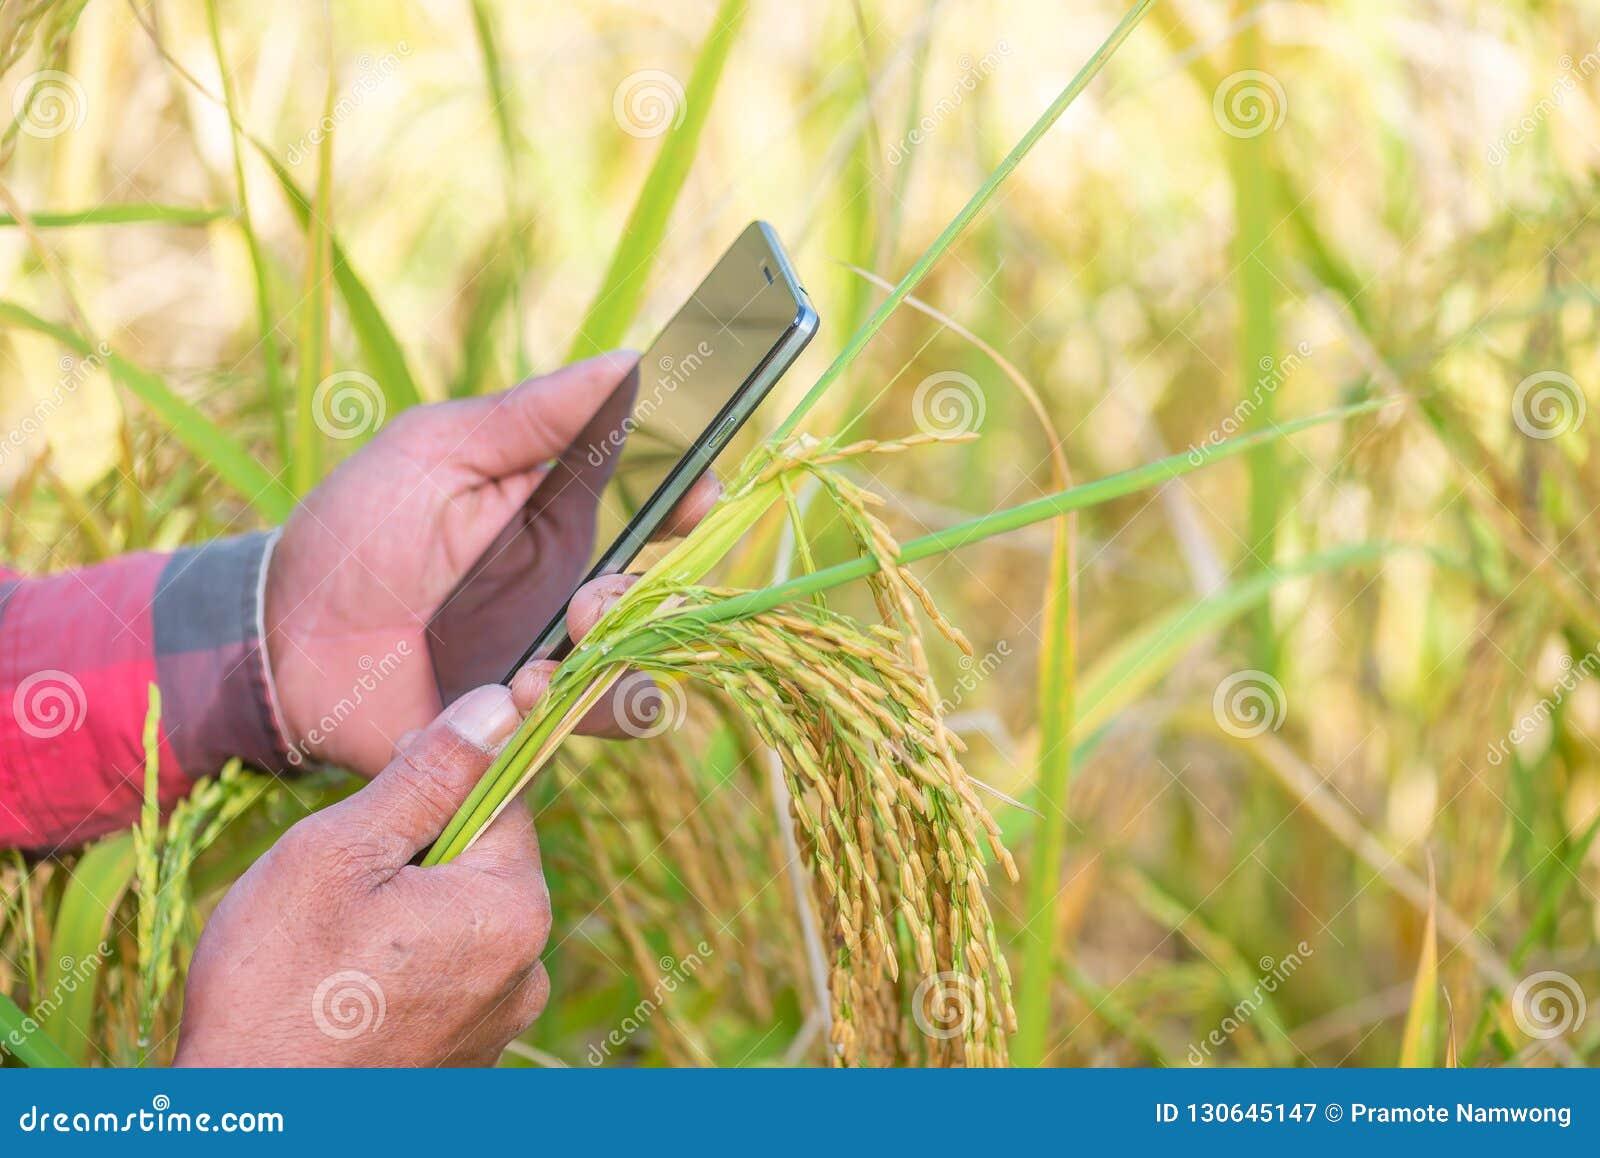 Κλείστε επάνω του χεριού της Farmer χρησιμοποιώντας το κινητό τηλέφωνο ή της ταμπλέτας που στέκεται μέσα